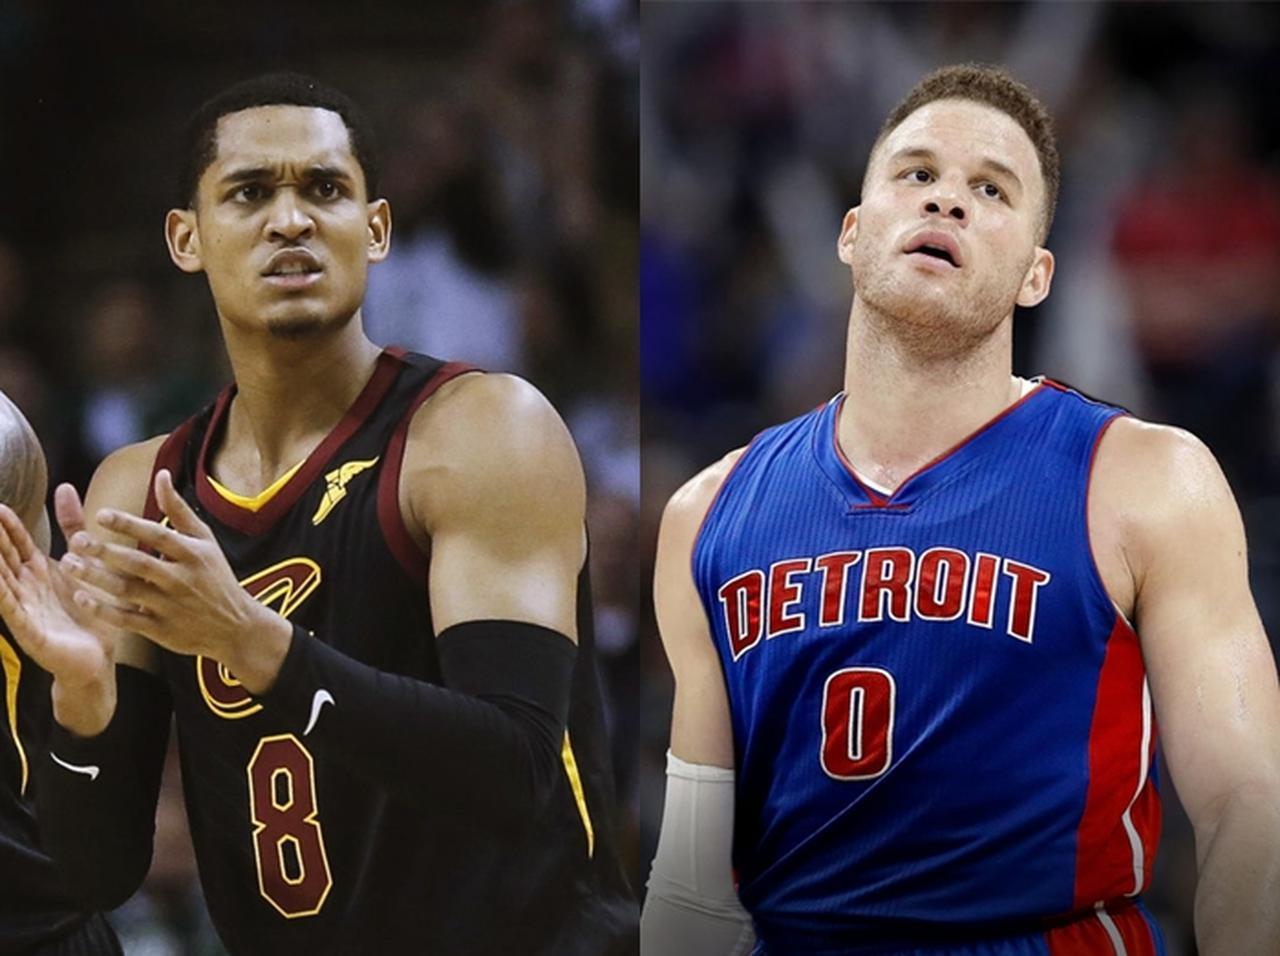 画像: 過去にケンダルとの交際を報じられた、NBA選手のジョーダン・クラークソン(左)とブレイク・グリフィン(右)。